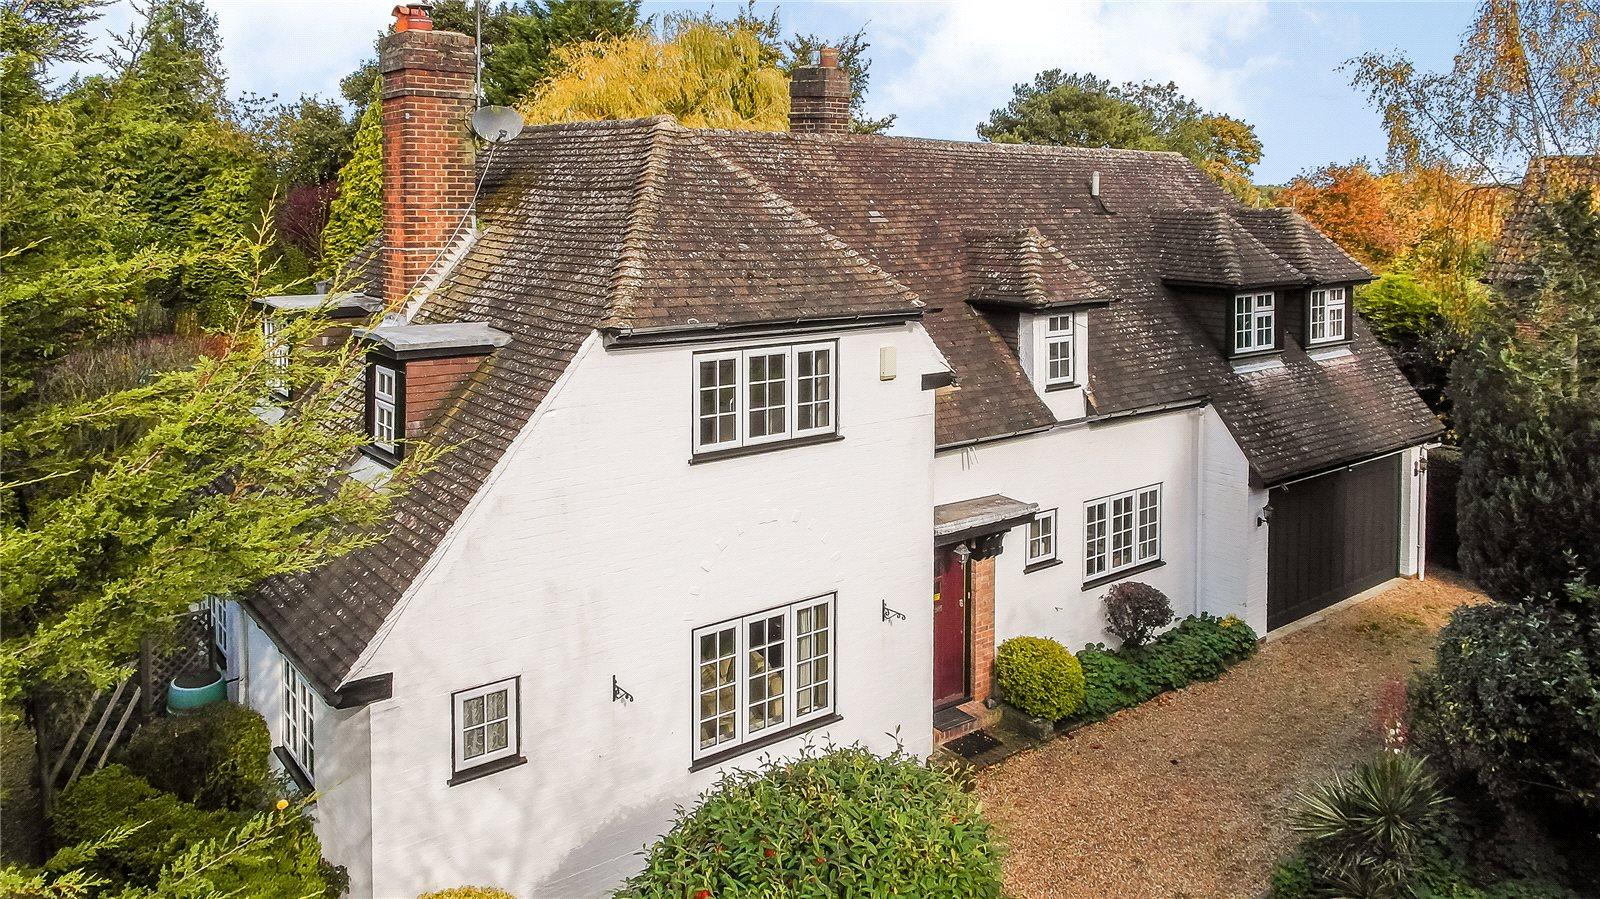 一戸建て のために 売買 アット Stewart Road, Harpenden, Hertfordshire, AL5 Harpenden, イギリス